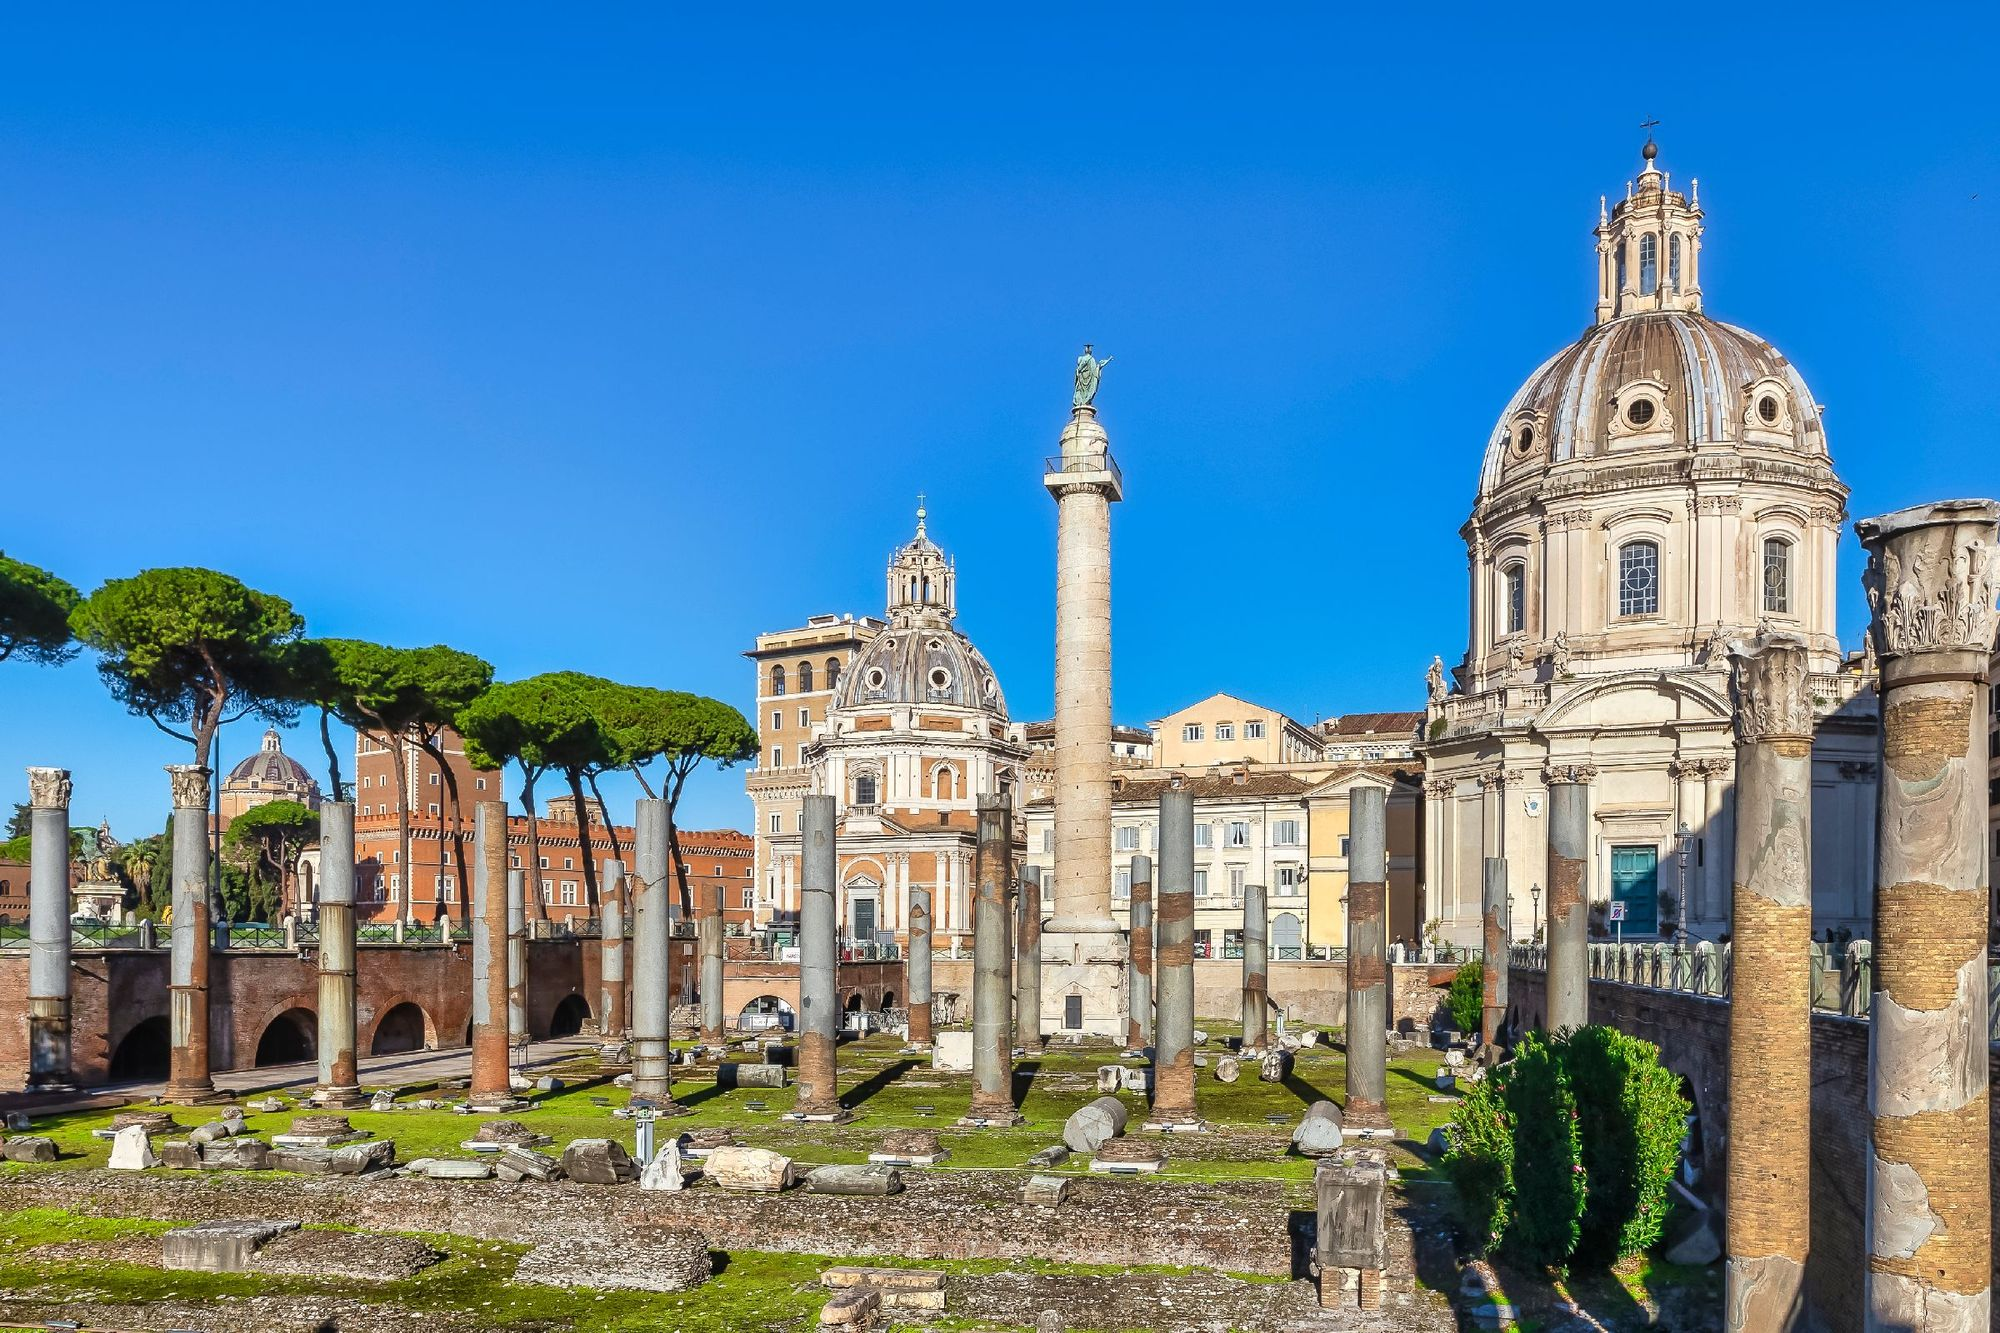 Trajan's Column of Honor and Trajan's Forum